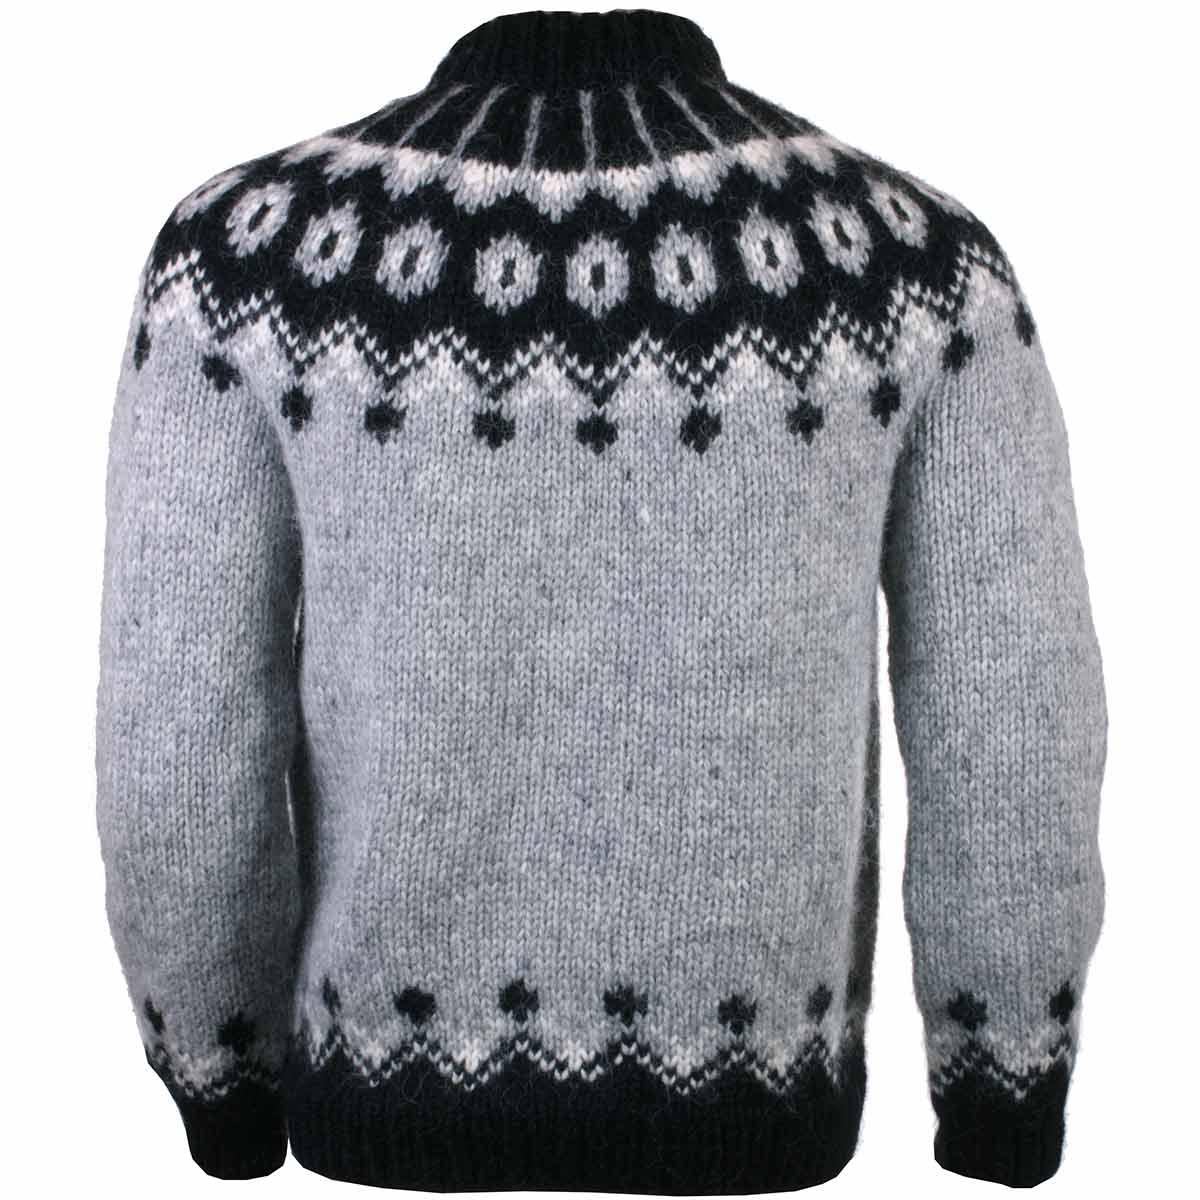 IJsland trui kopen? | BESLIST.nl | Lage prijs